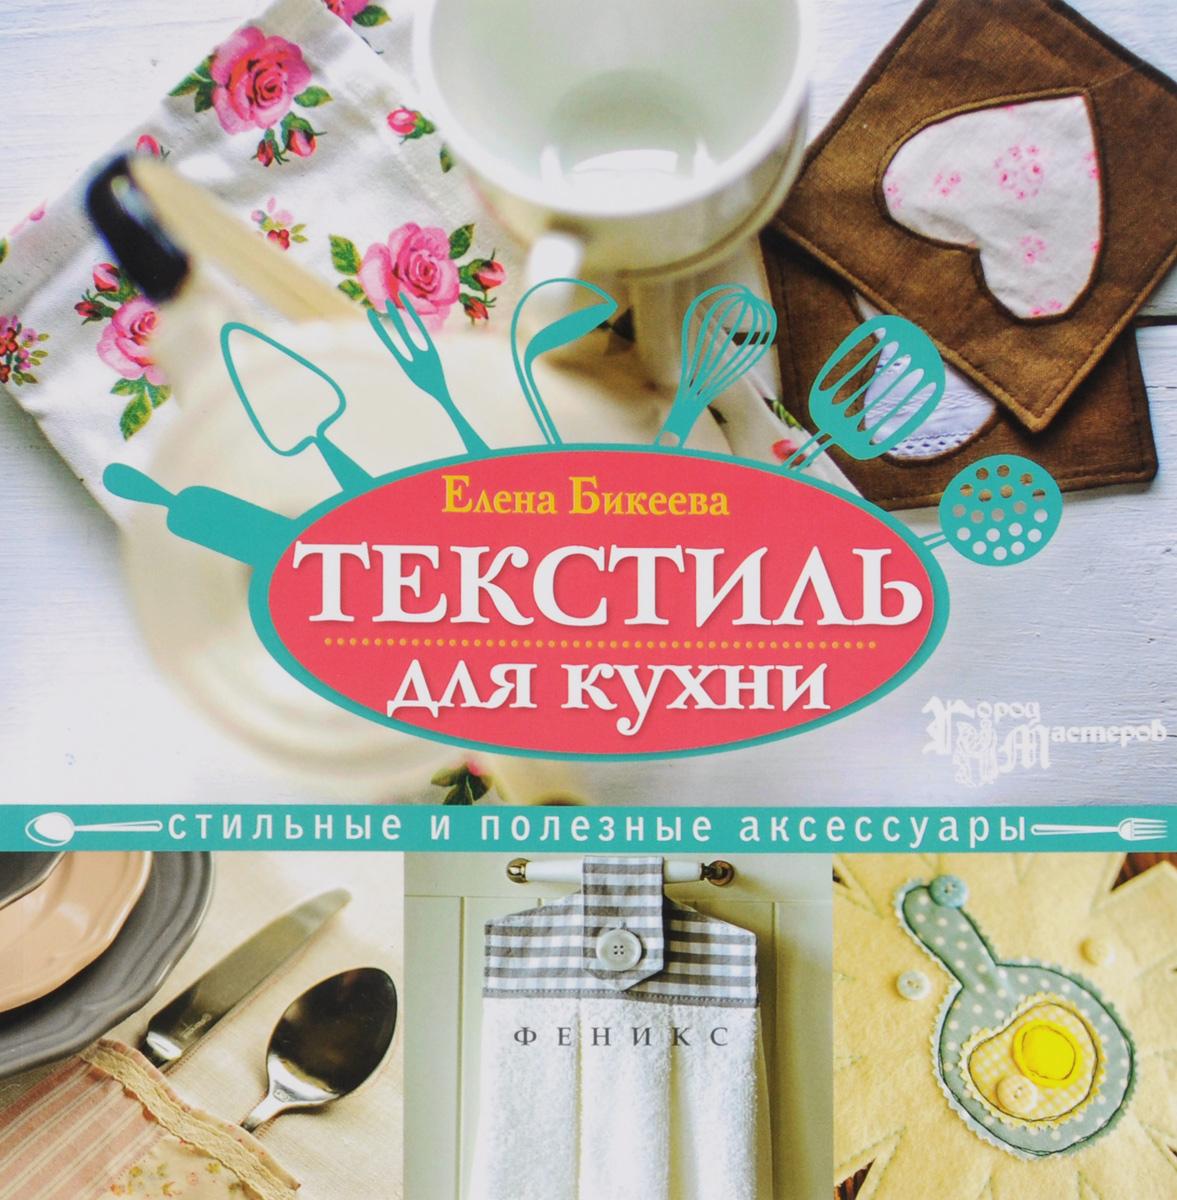 Елена Бикеева Текстиль для кухни. Стильные и полезные аксессуары аксессуары для кухни wmf